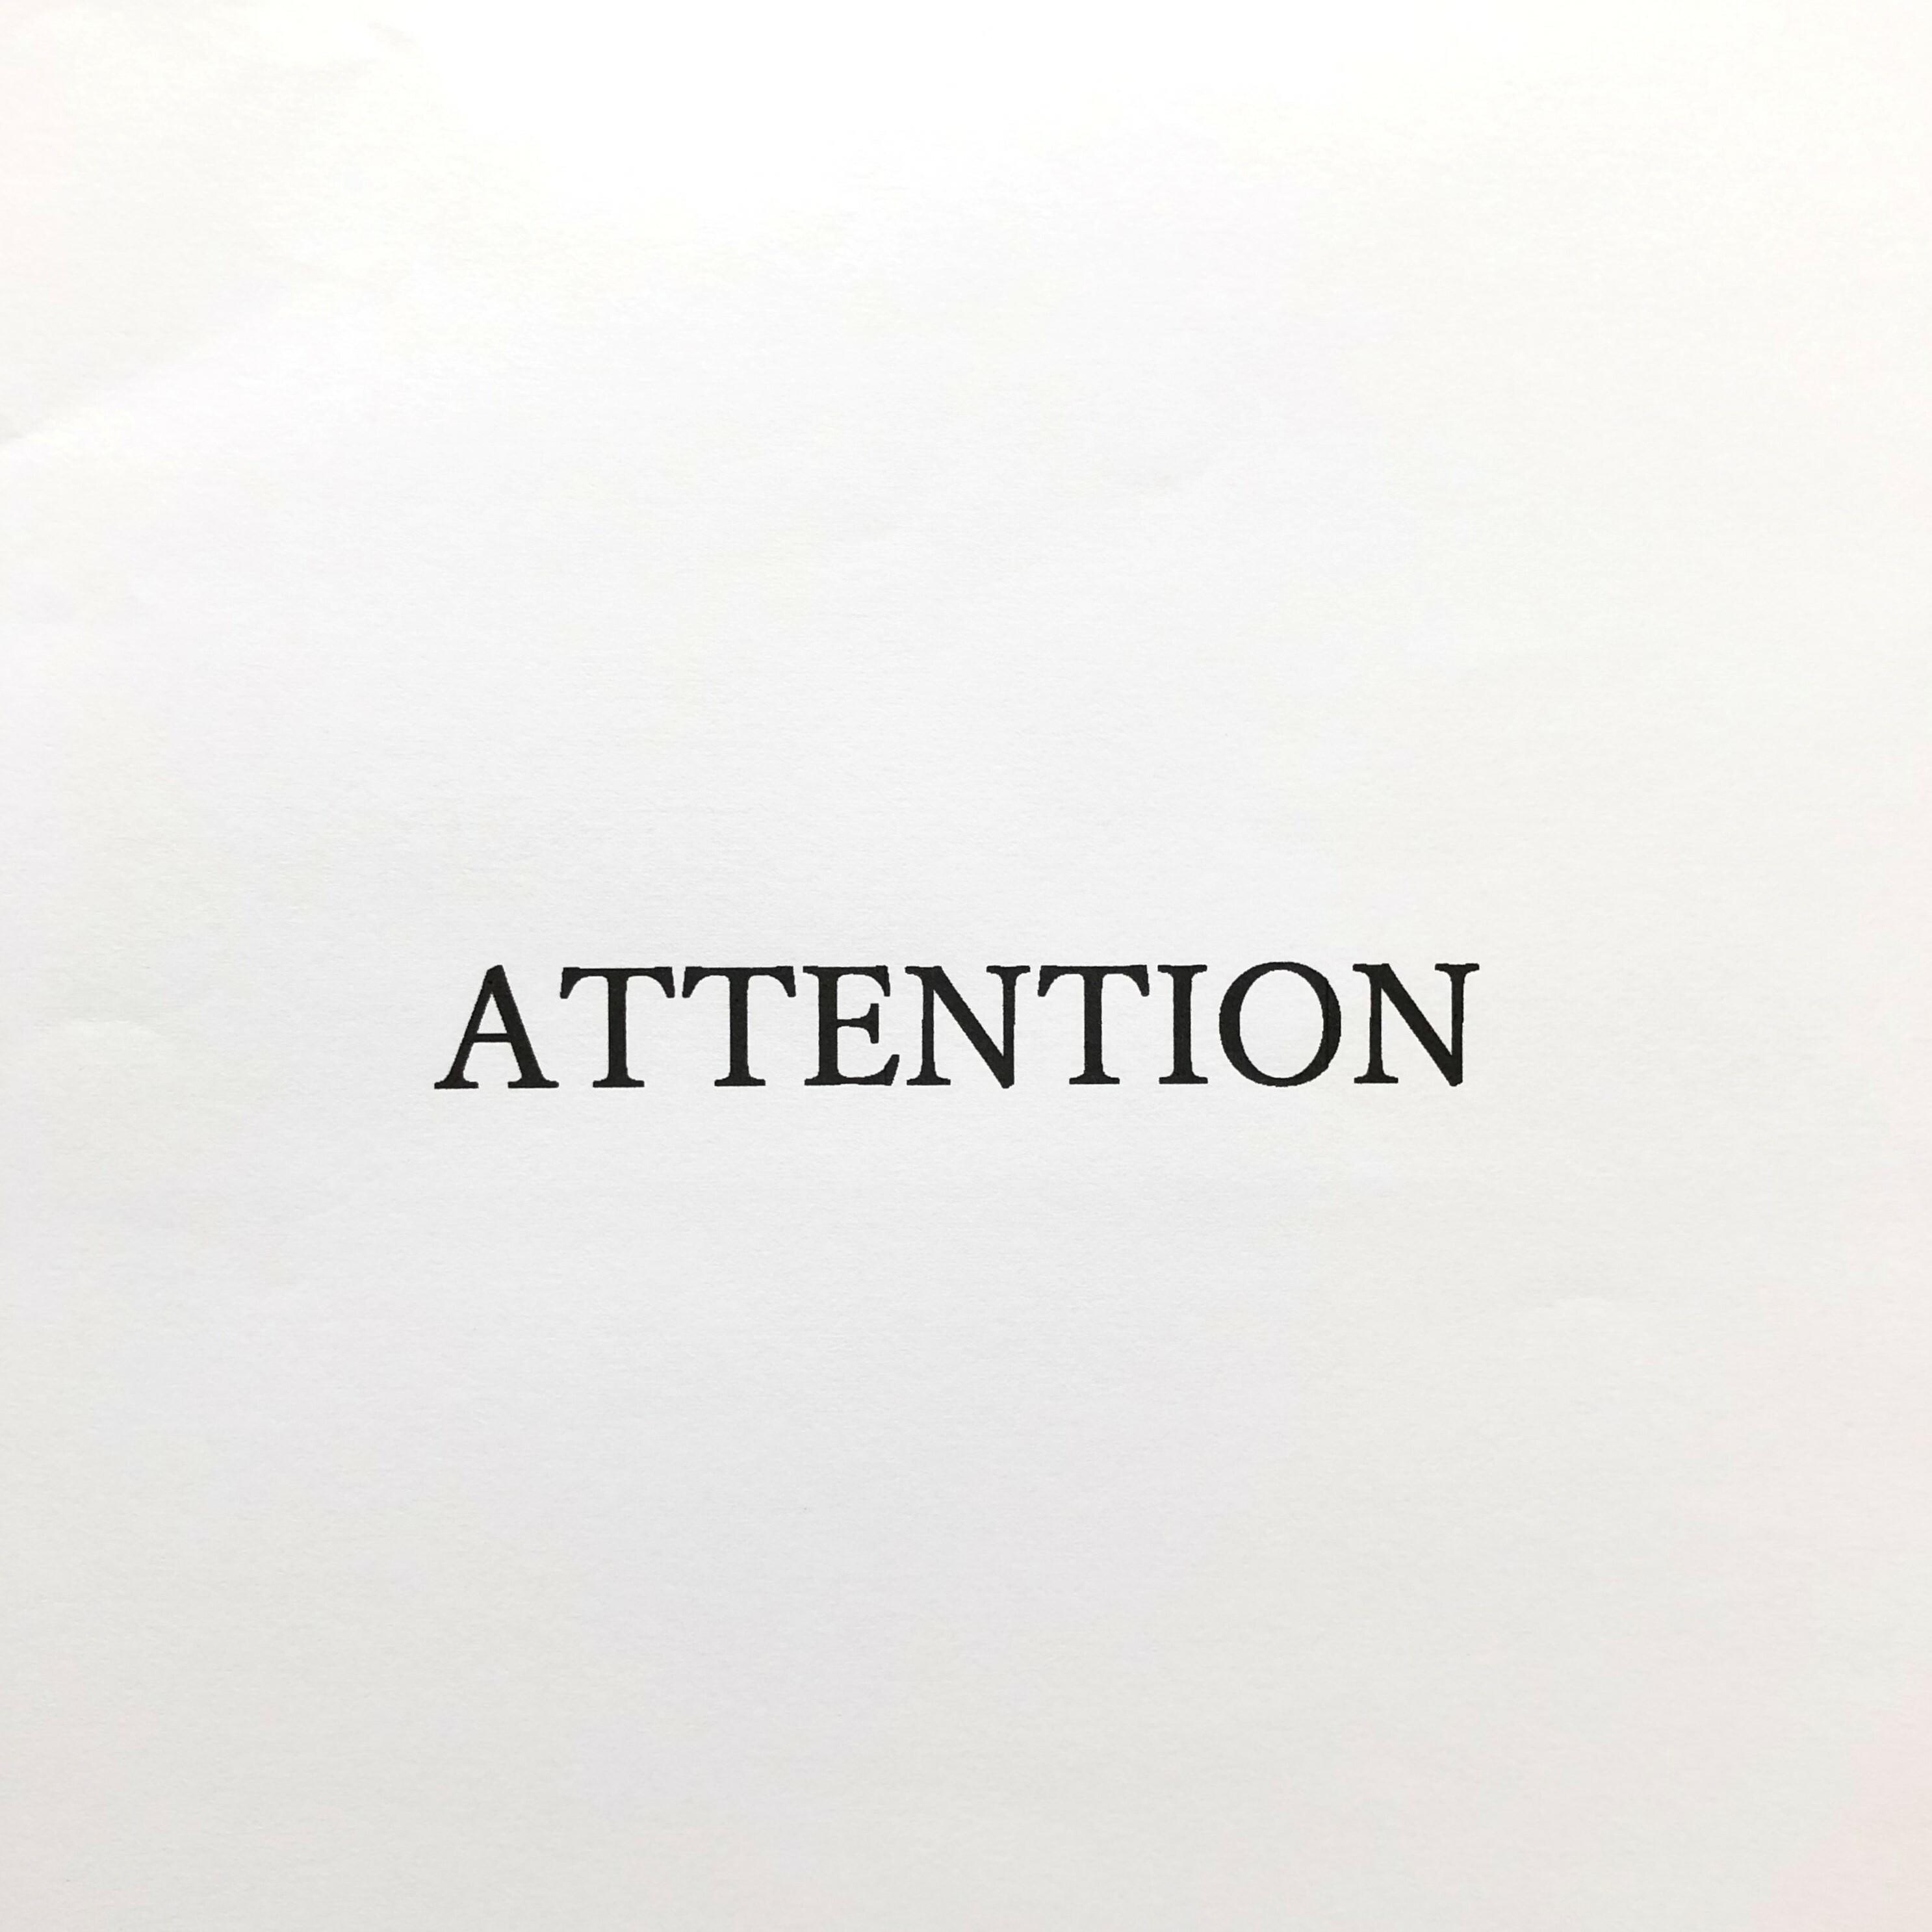 ATTENTION/ご購入前に必ずお読みください